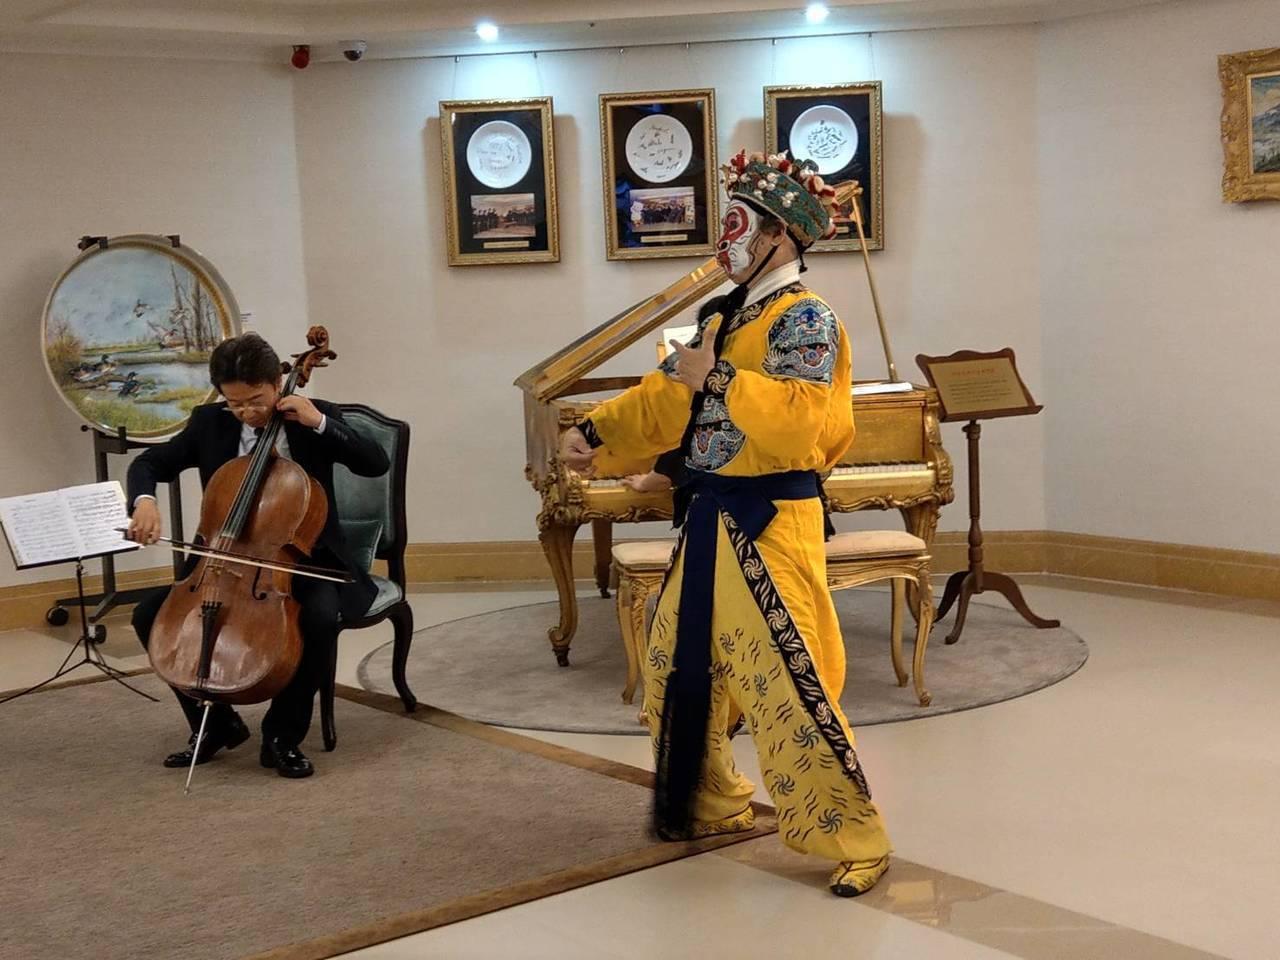 張正傑(左)5月18日將舉行返國30周年音樂會,和京劇美猴王朱陸豪(右)跨界合作...